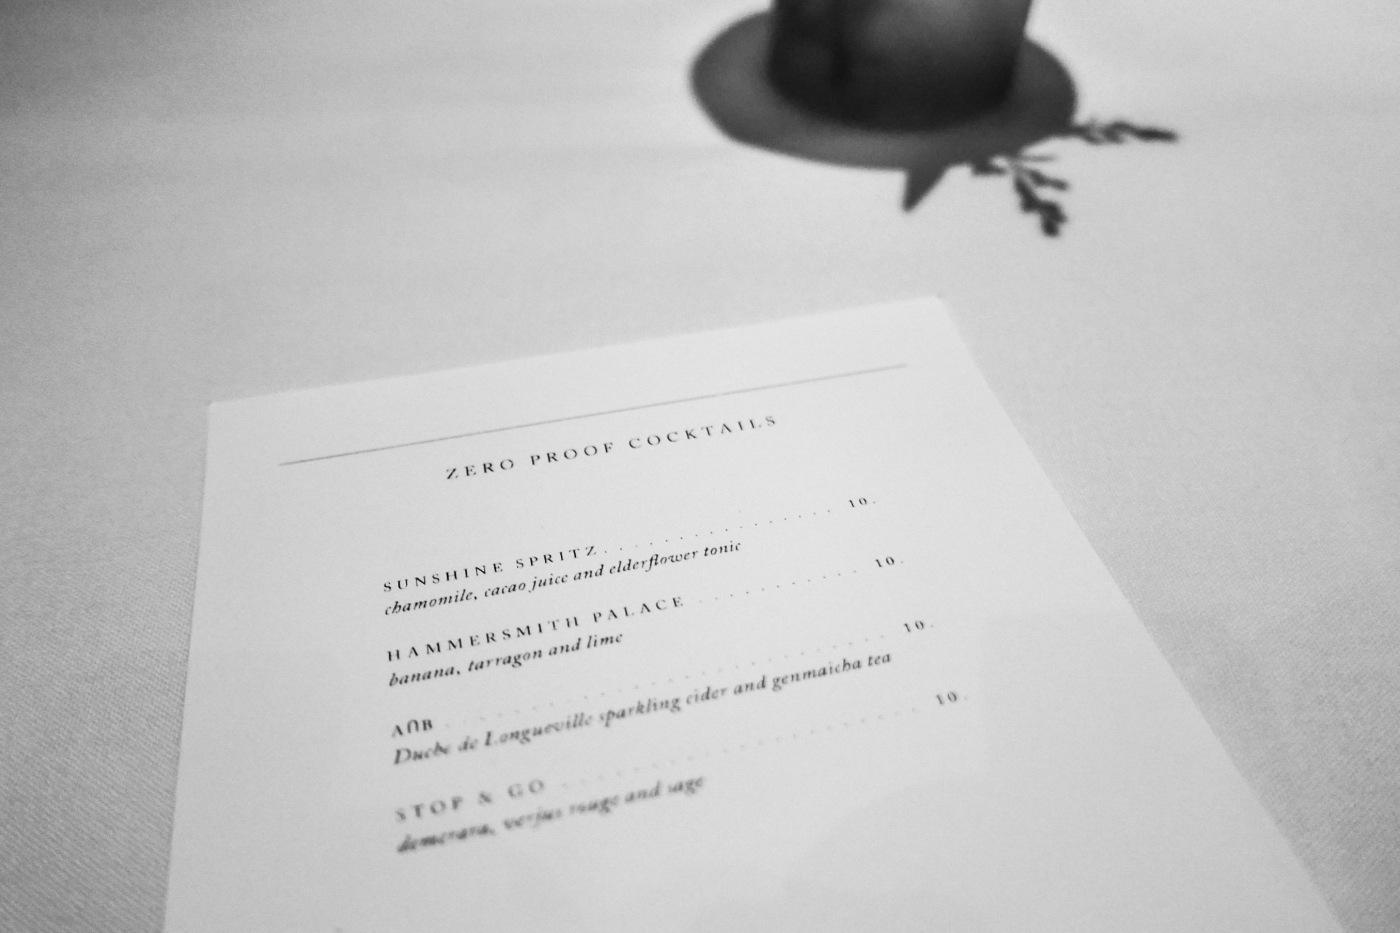 Non-alcoholic beverage menu at Oriole